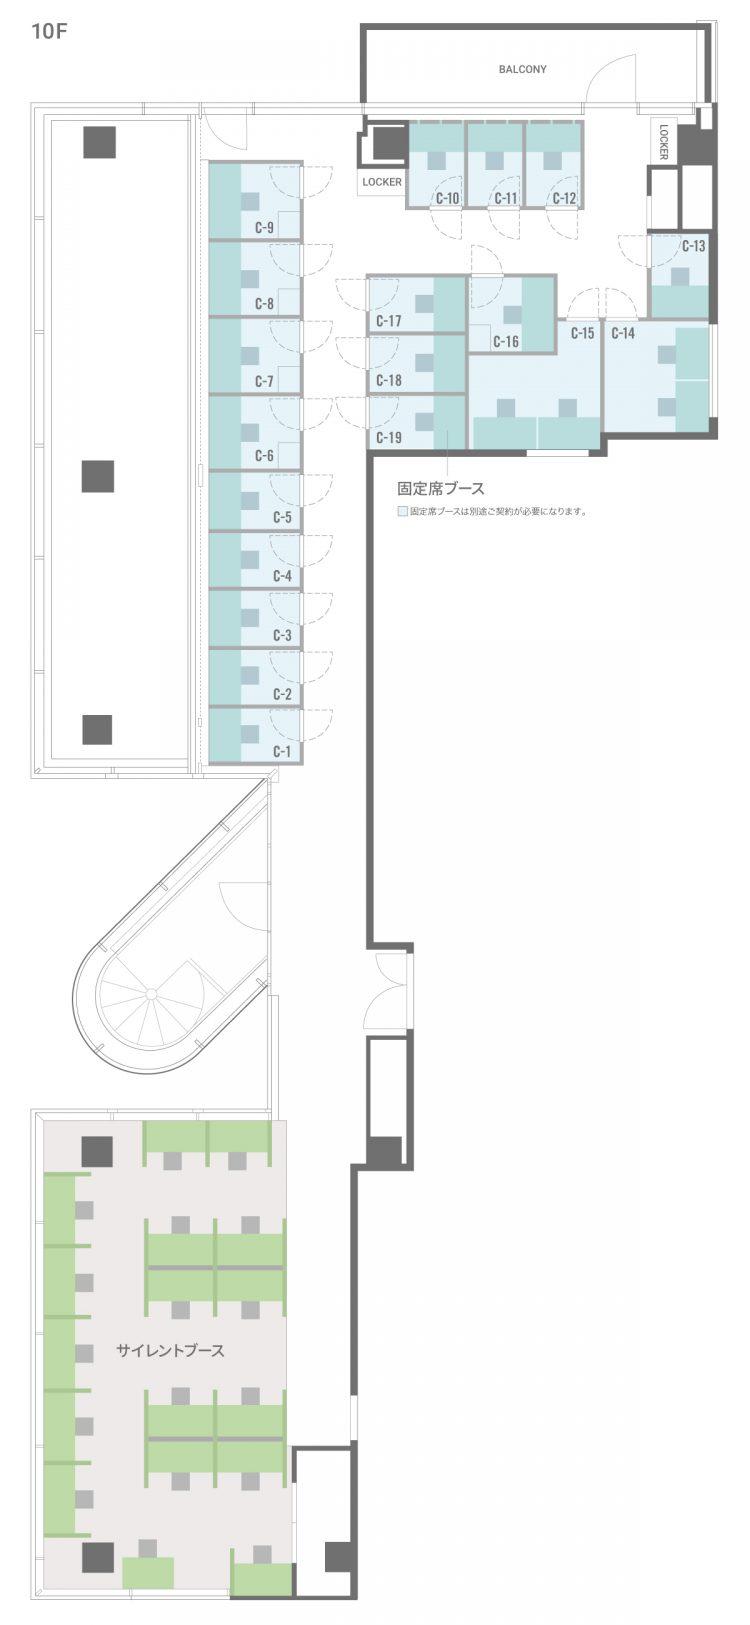 三条木屋町オフィス【6月19日プレオープン予定】の10Fのフロアマップ